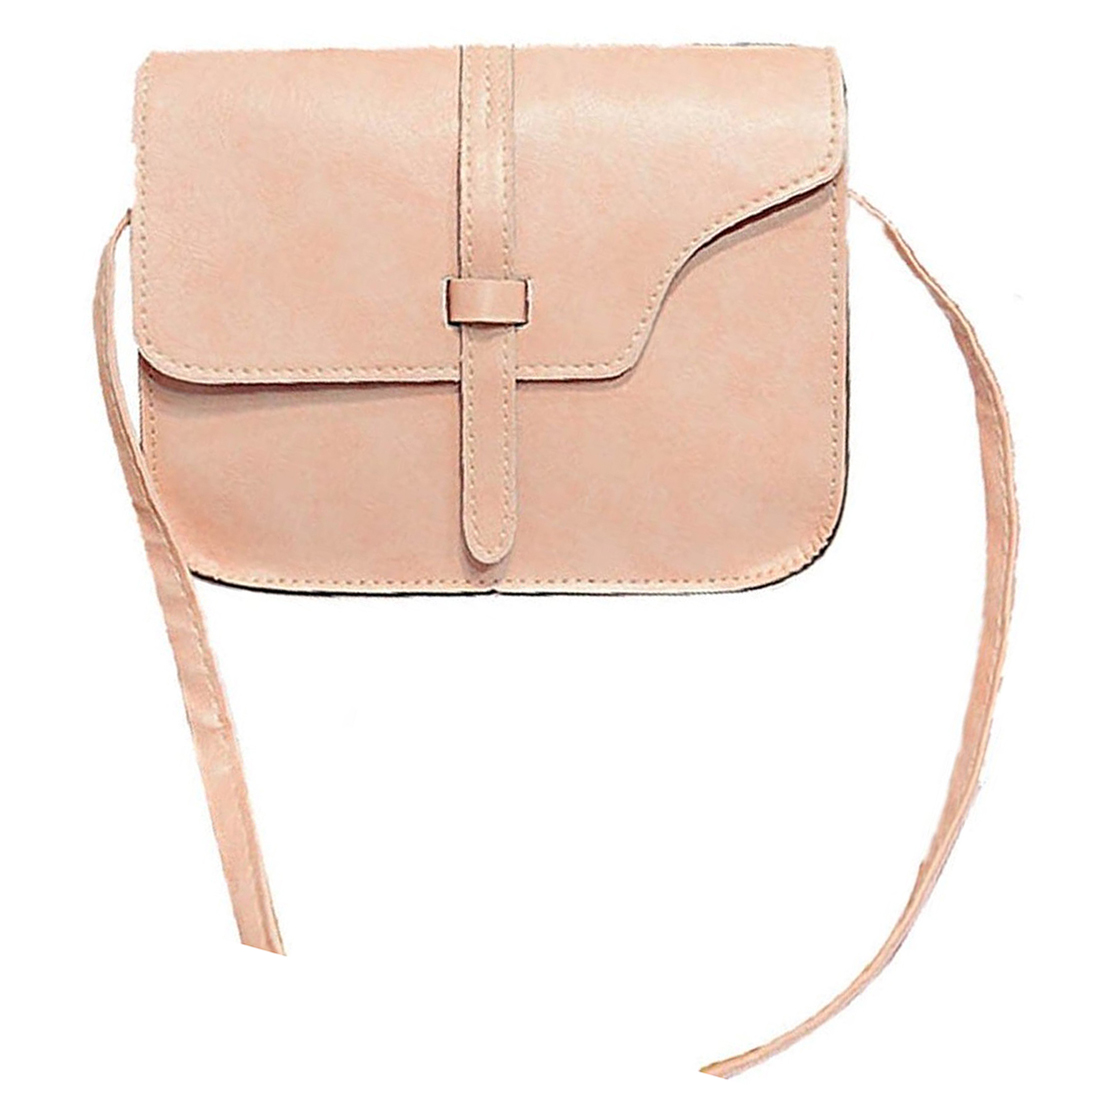 Snny Для женщин девушка сумка Портфели Искусственная кожа crossbody Сумка Розовый